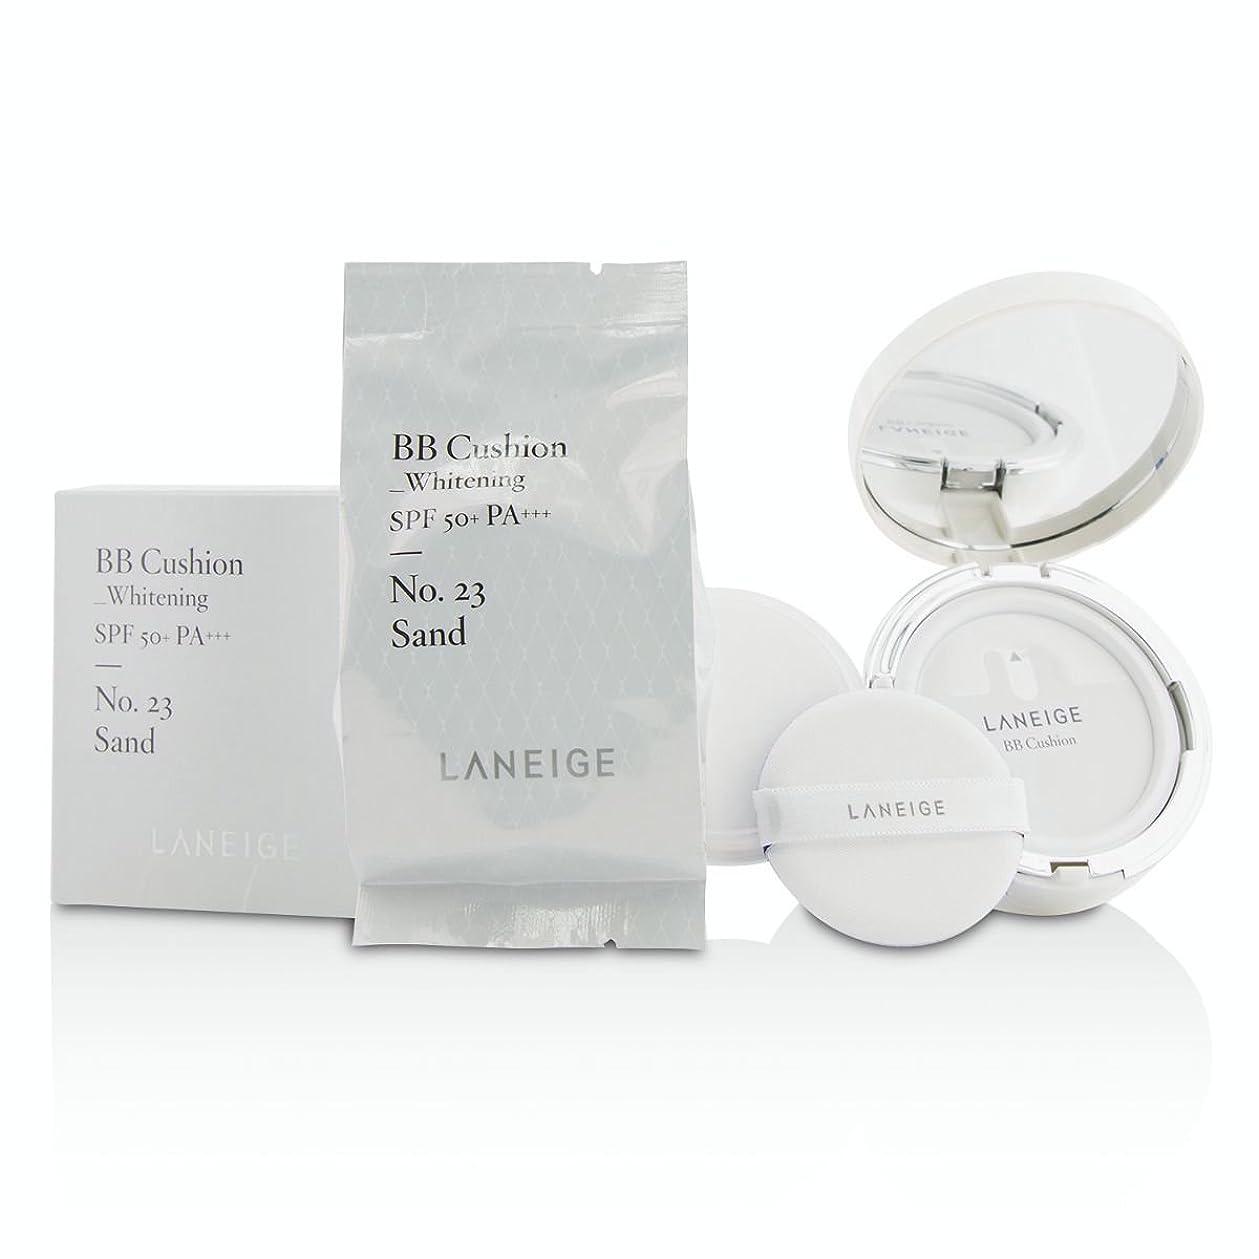 変位障害休日[Laneige] BB Cushion Foundation (Whitening) SPF 50 With Extra Refill - # No. 23 Sand 2x15g/0.5oz